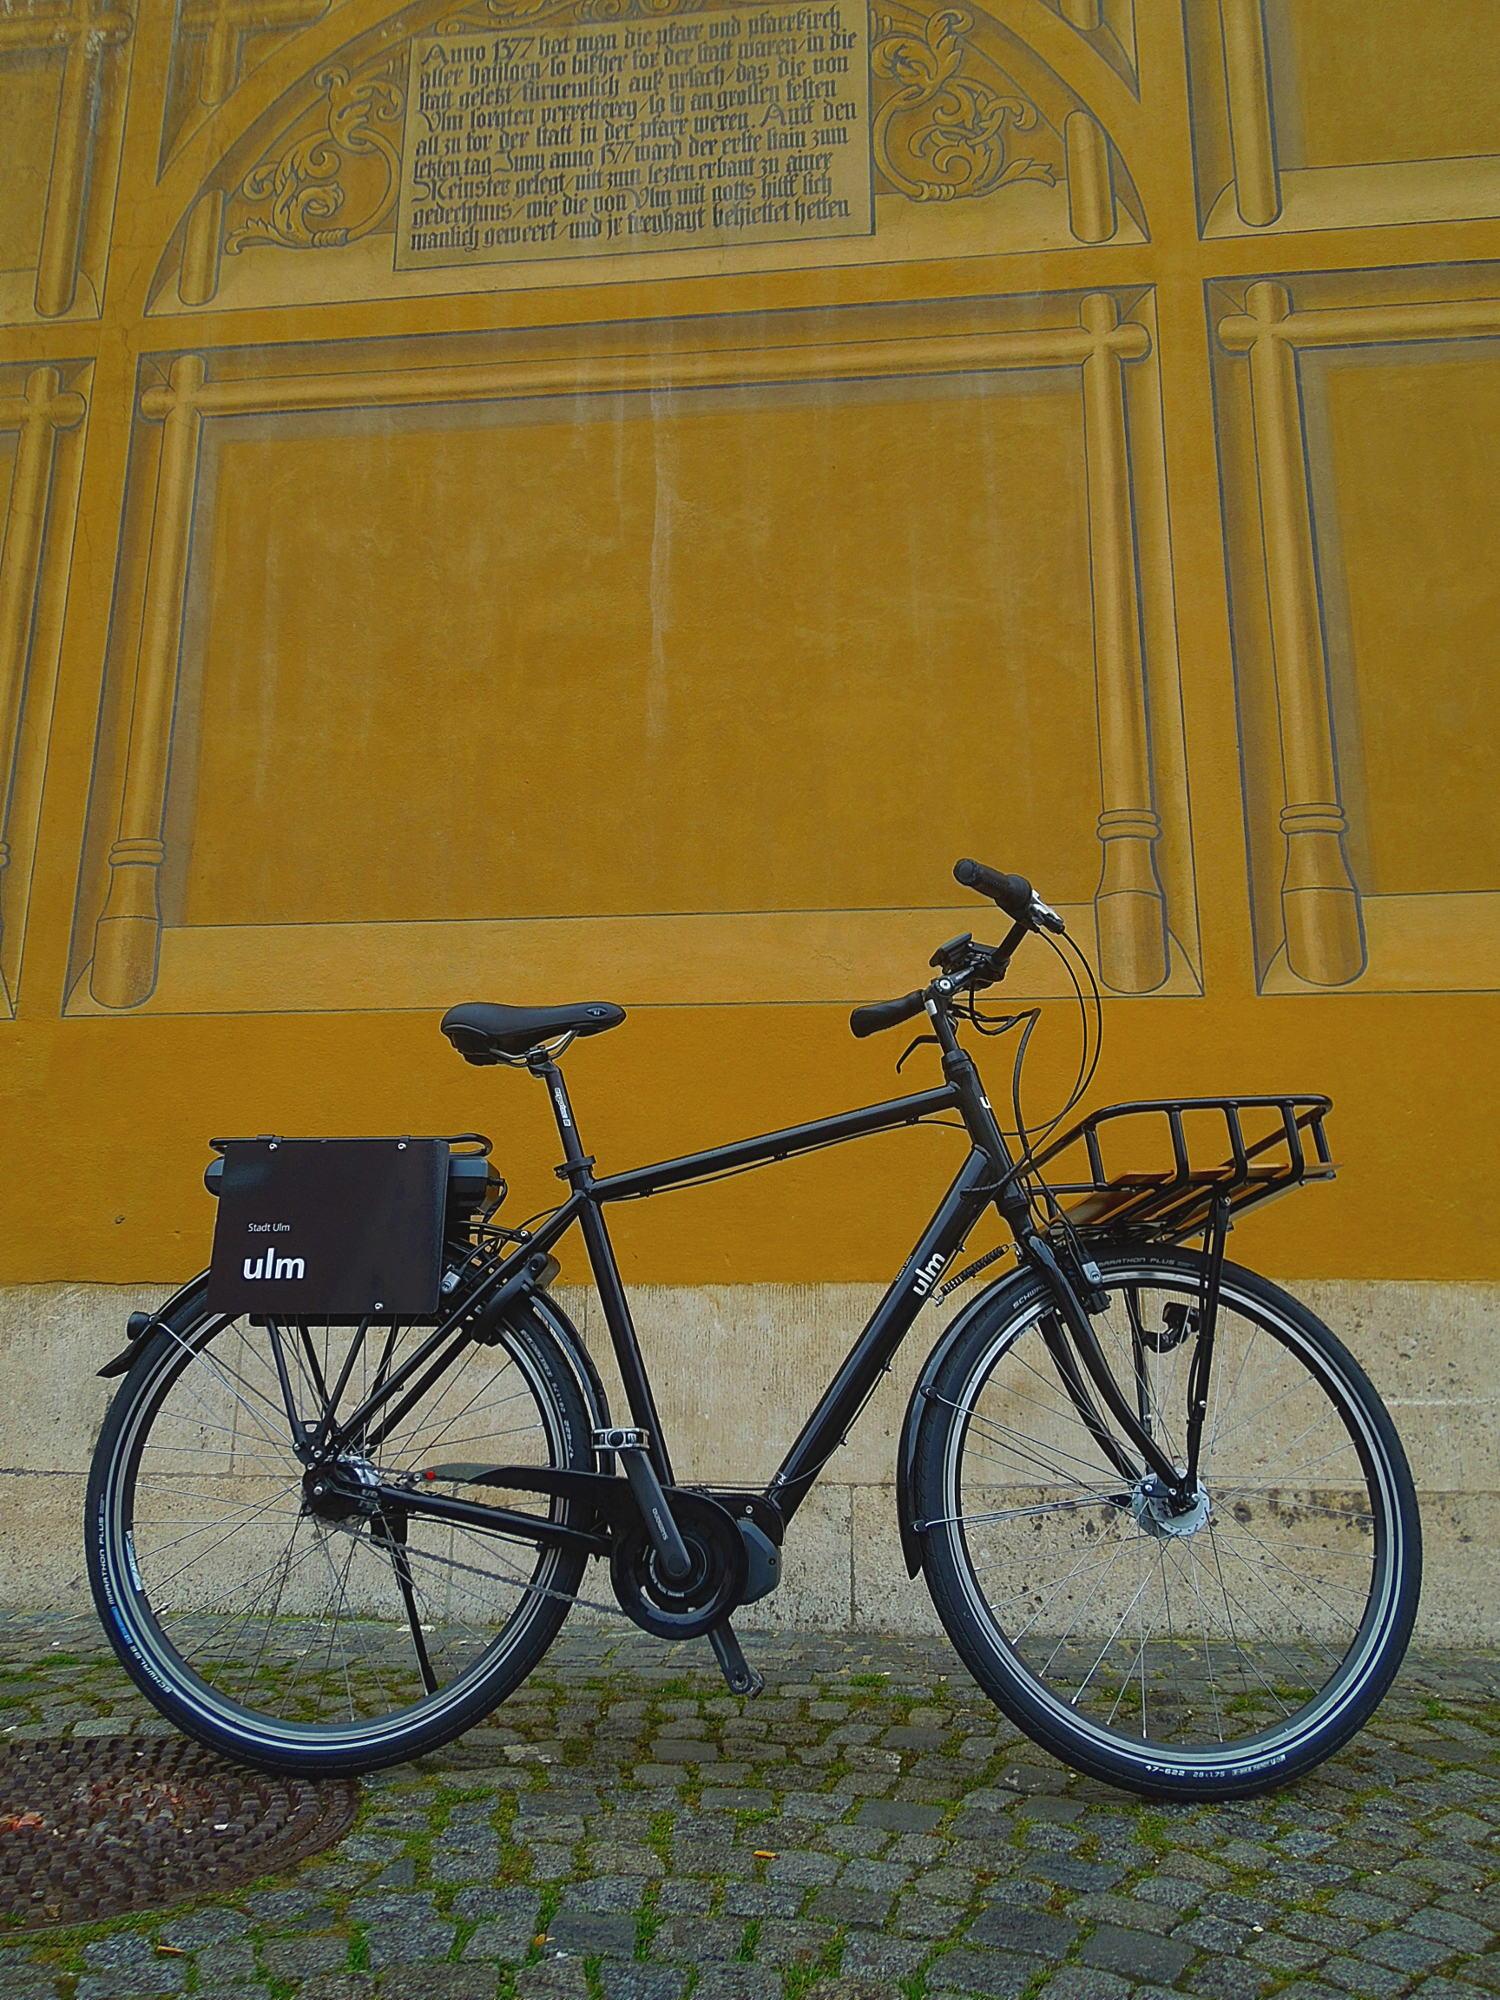 PEDALEUR Pedelec - Im Dienste der Stadt Ulm